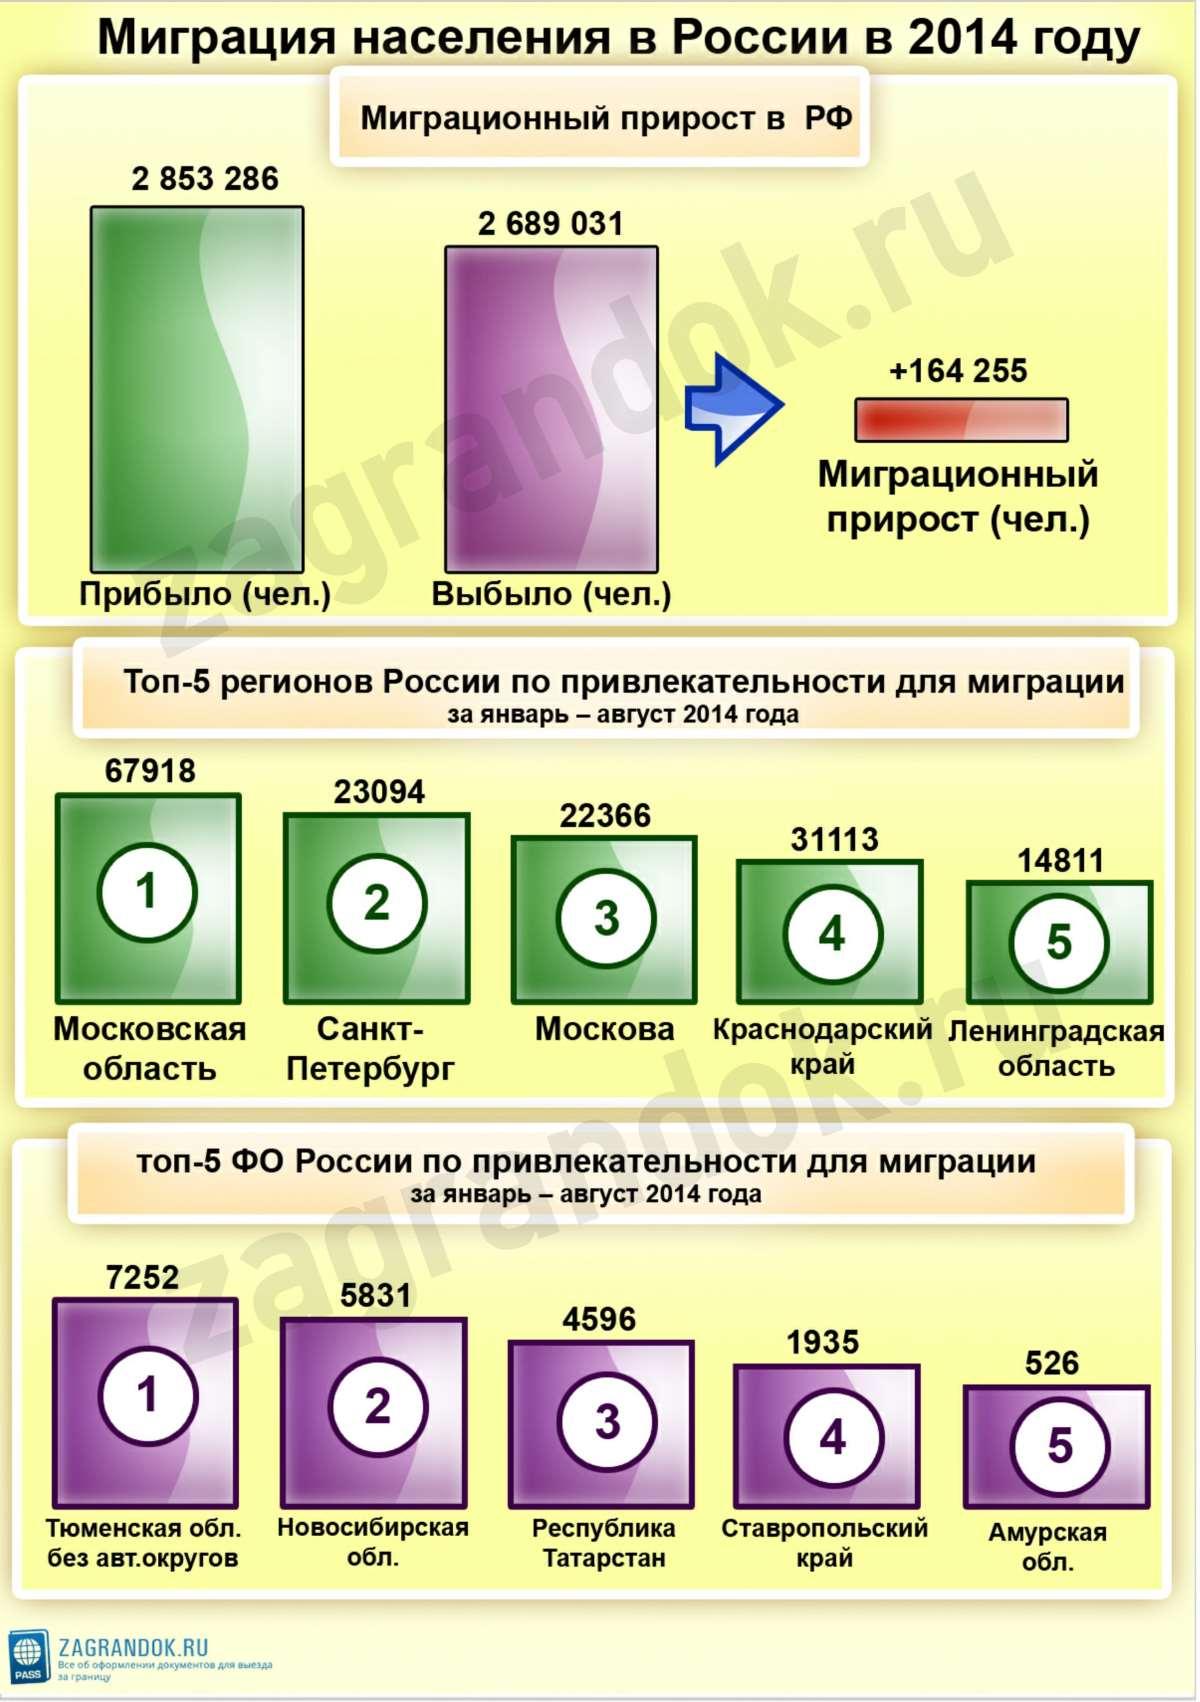 Миграция населения в России в 2014 году